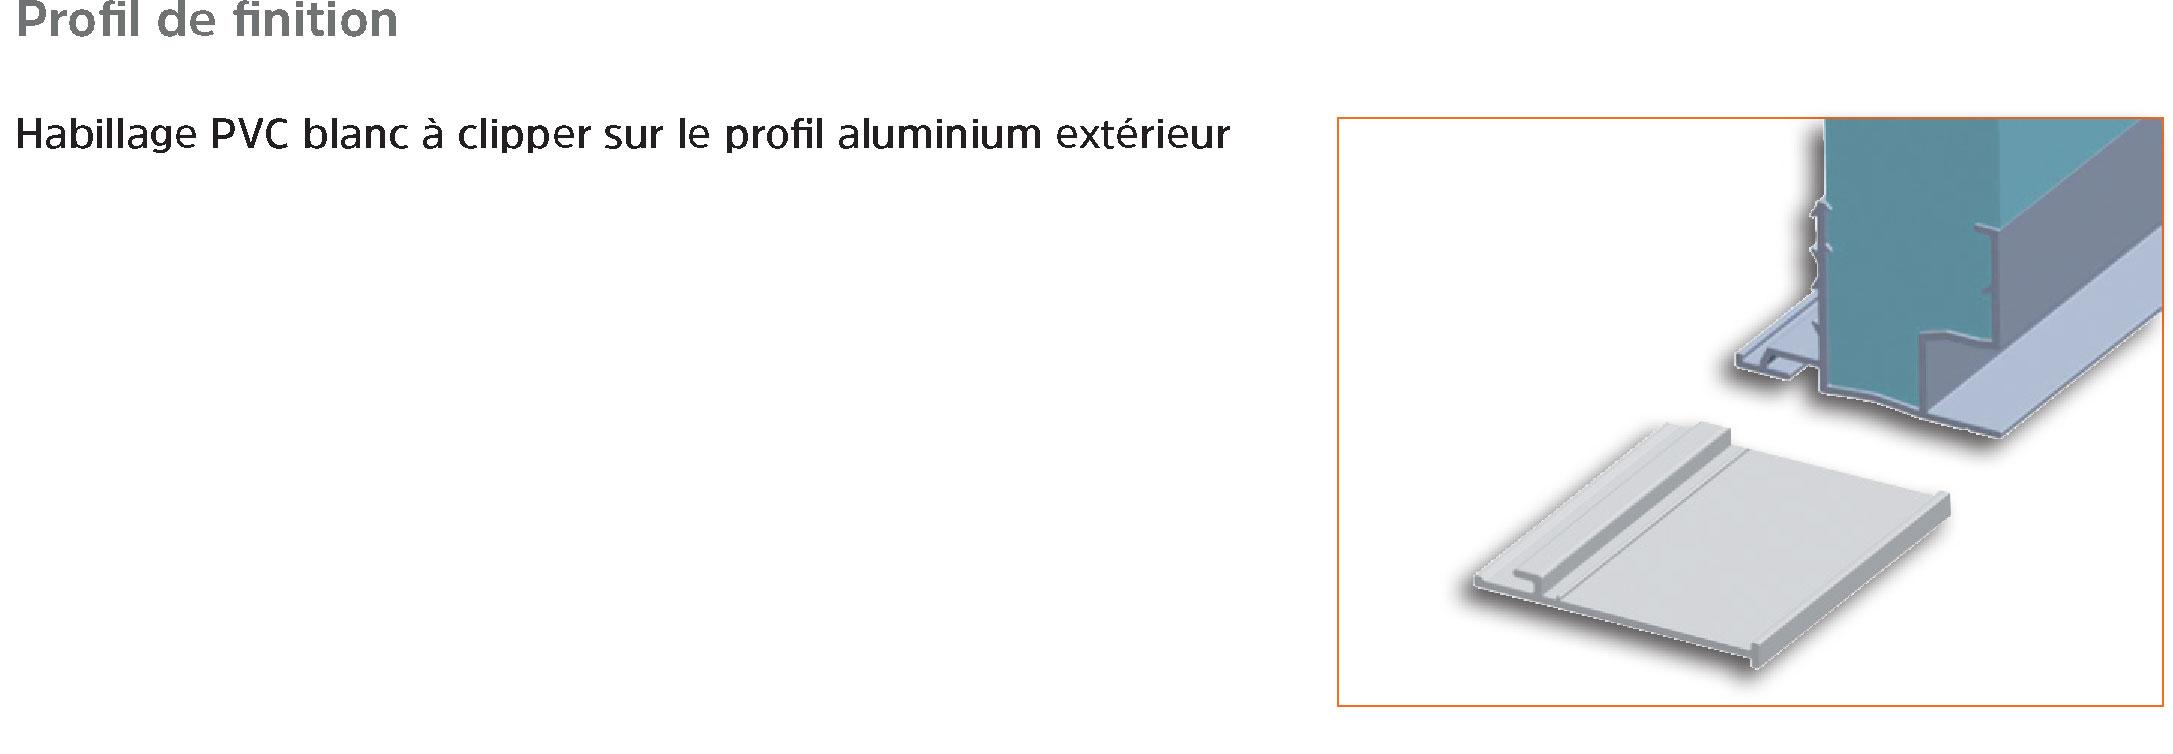 caisson-titan-c-et-e-profil-finition